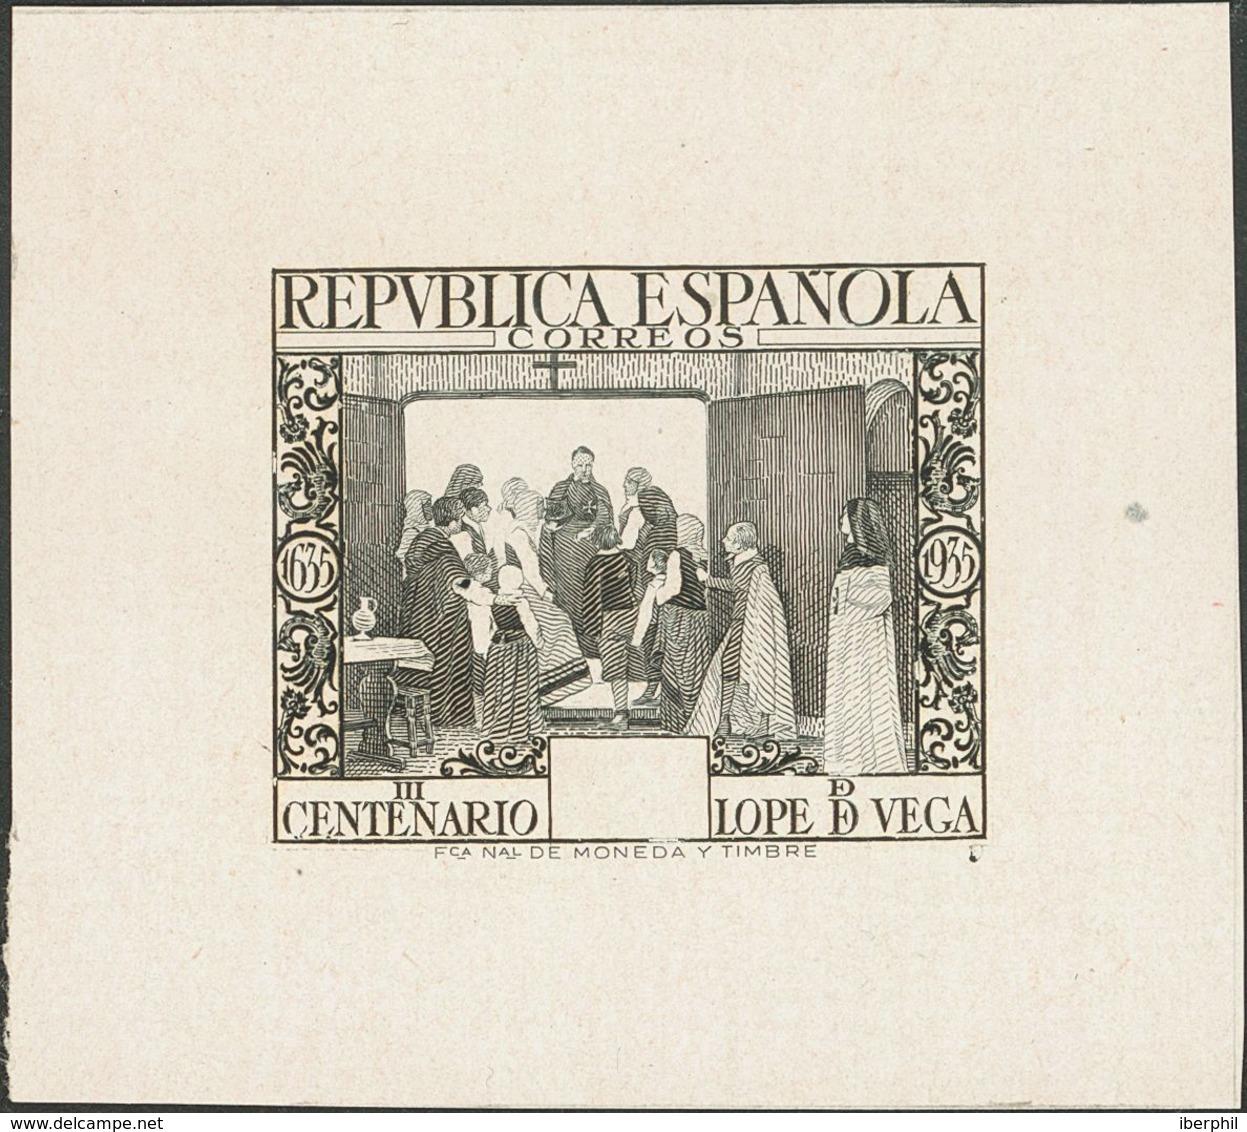 (*)693P. 1935. Sin Valor, Negro. PRUEBA DE PUNZON (Primer Estado). MAGNIFICA Y RARA. (Gálvez, 3168) - Espagne